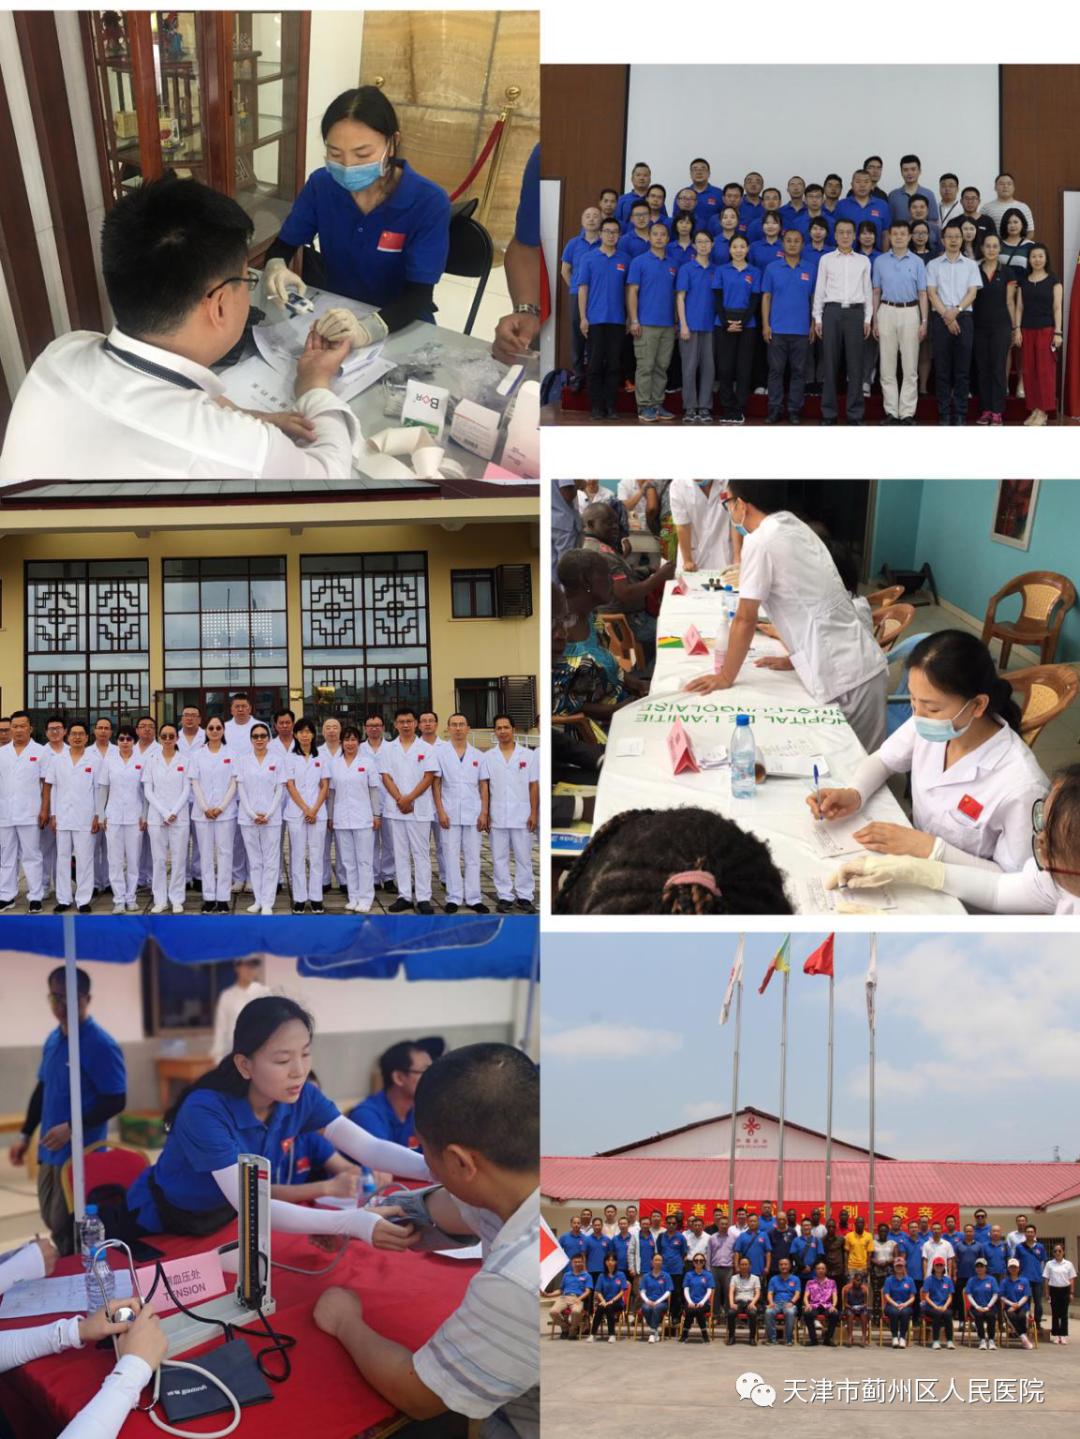 一年之期 不负韶华——蓟州区人民医院援非医疗队员王敬军载誉归来